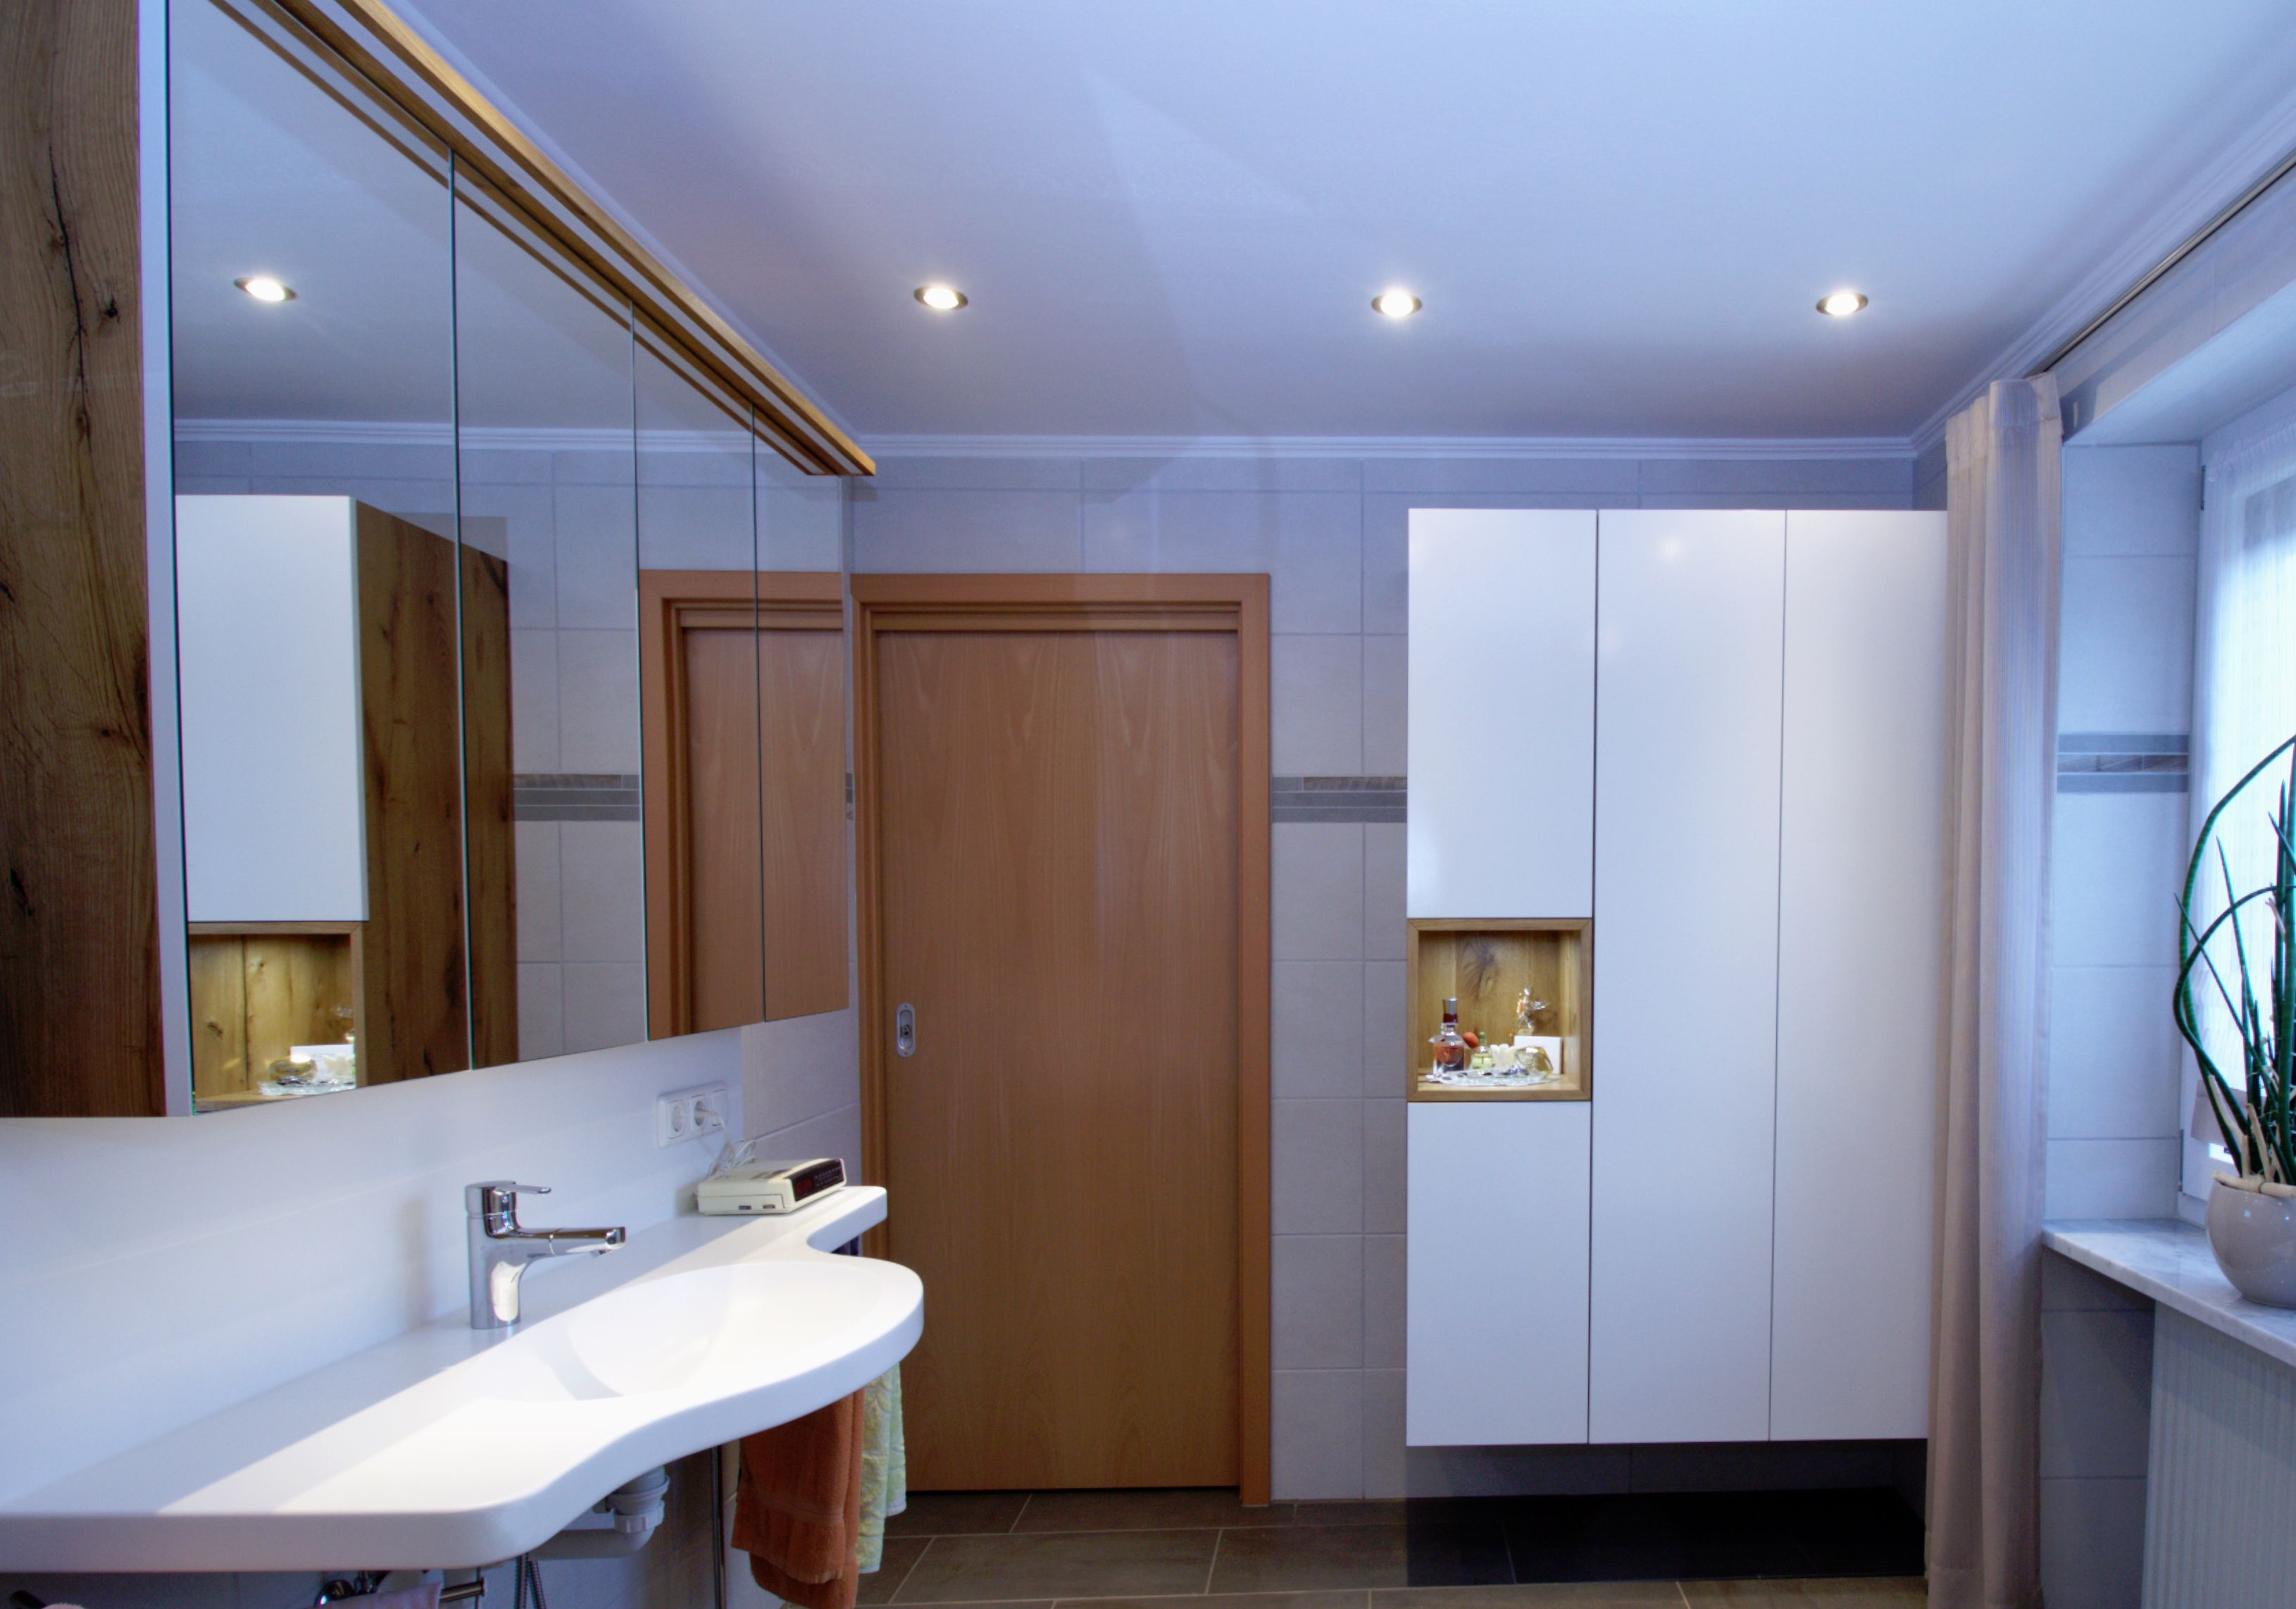 Waschisch Aus Corian Spiegelschrank Mit Led Beleuchtung Badschrank Mit Dekorativer Nische Badezimmer Spiegelschrank Badschrank